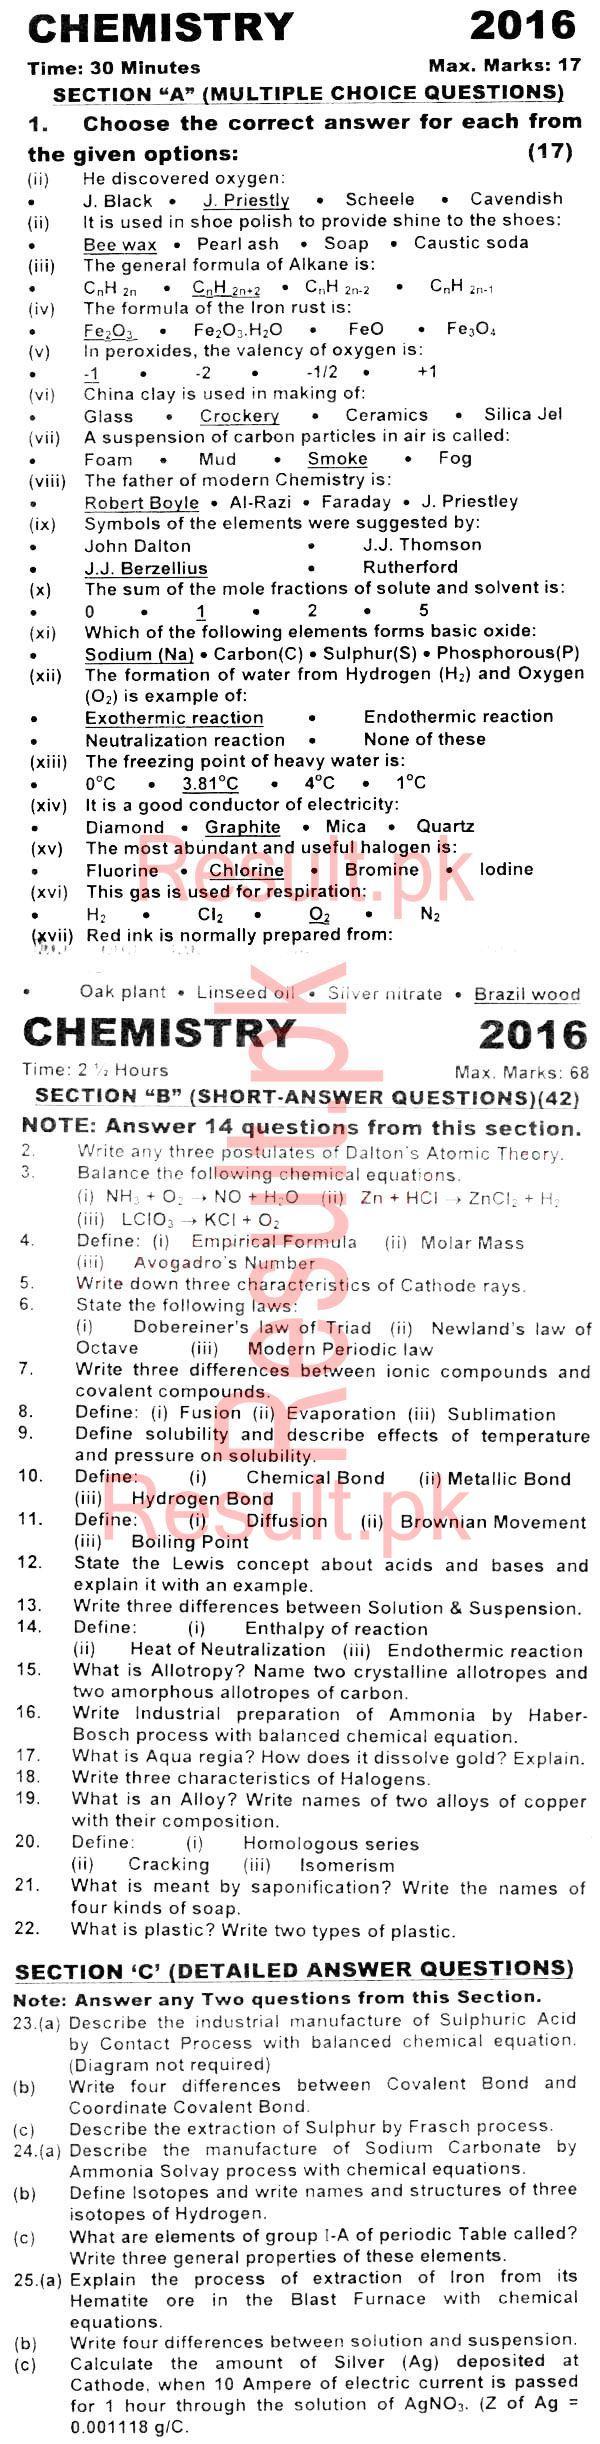 Math book of class 10 sindh board